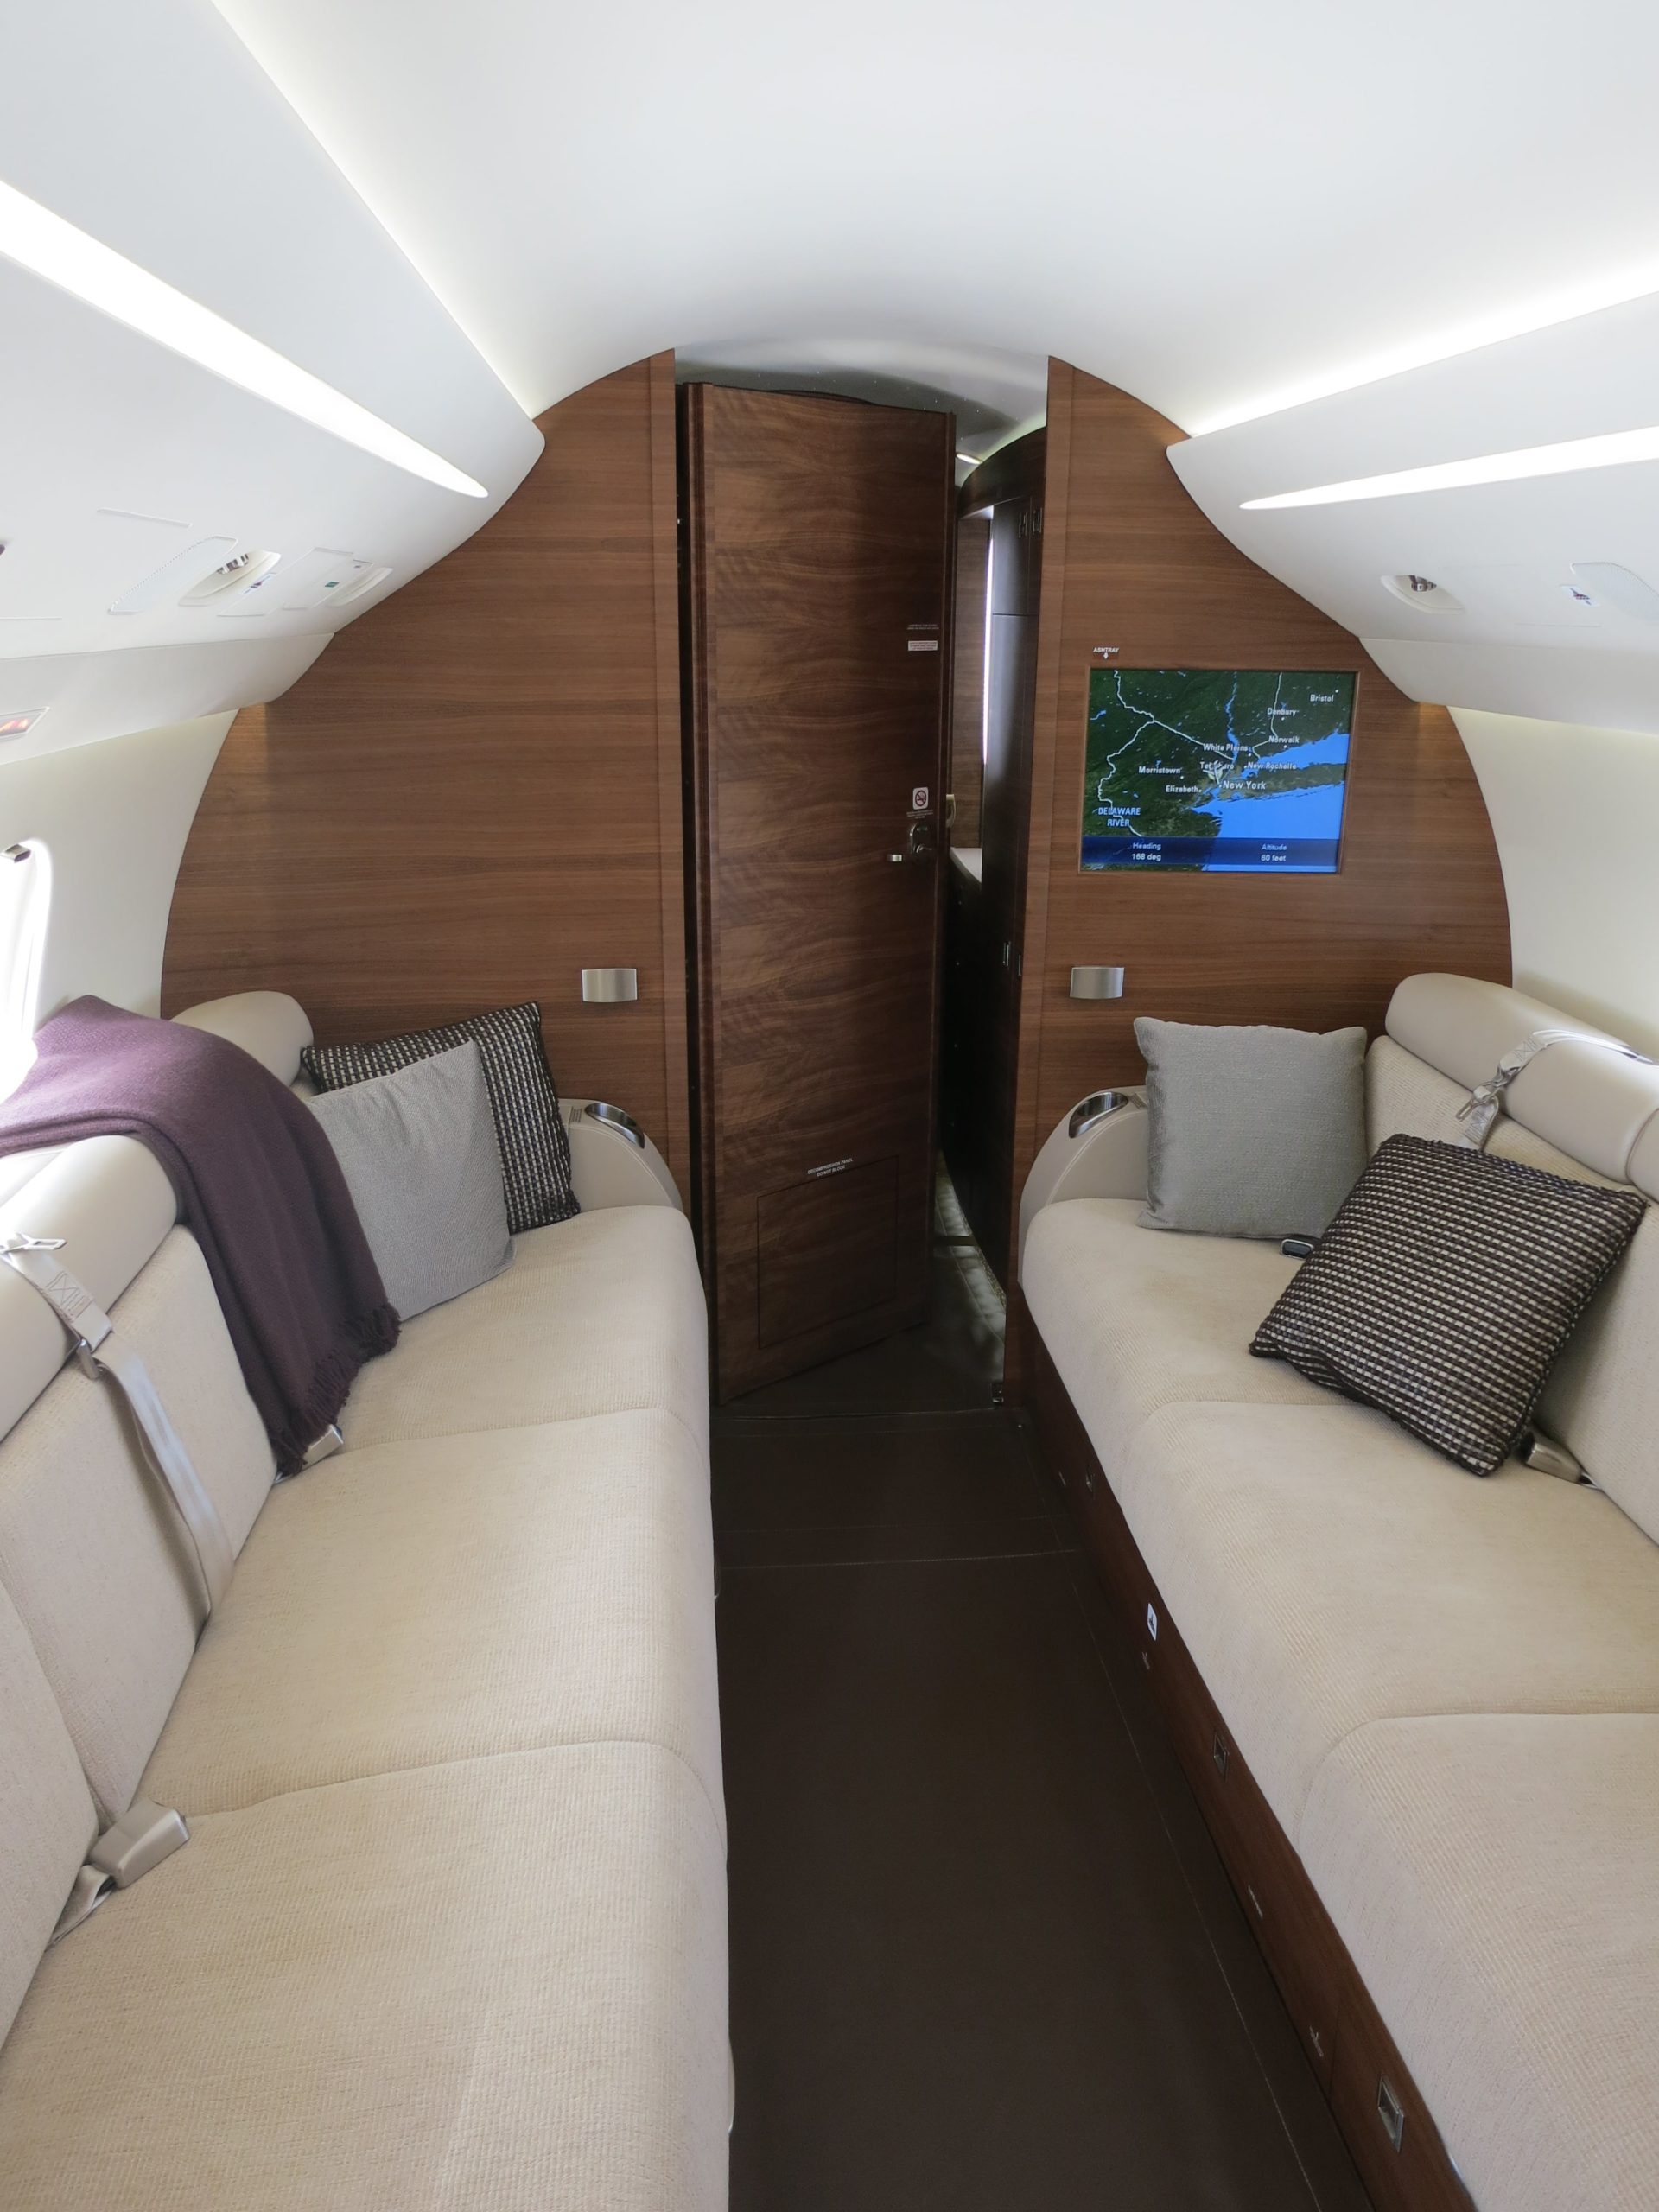 Cabine du jet privé Dassault Falcon 7X